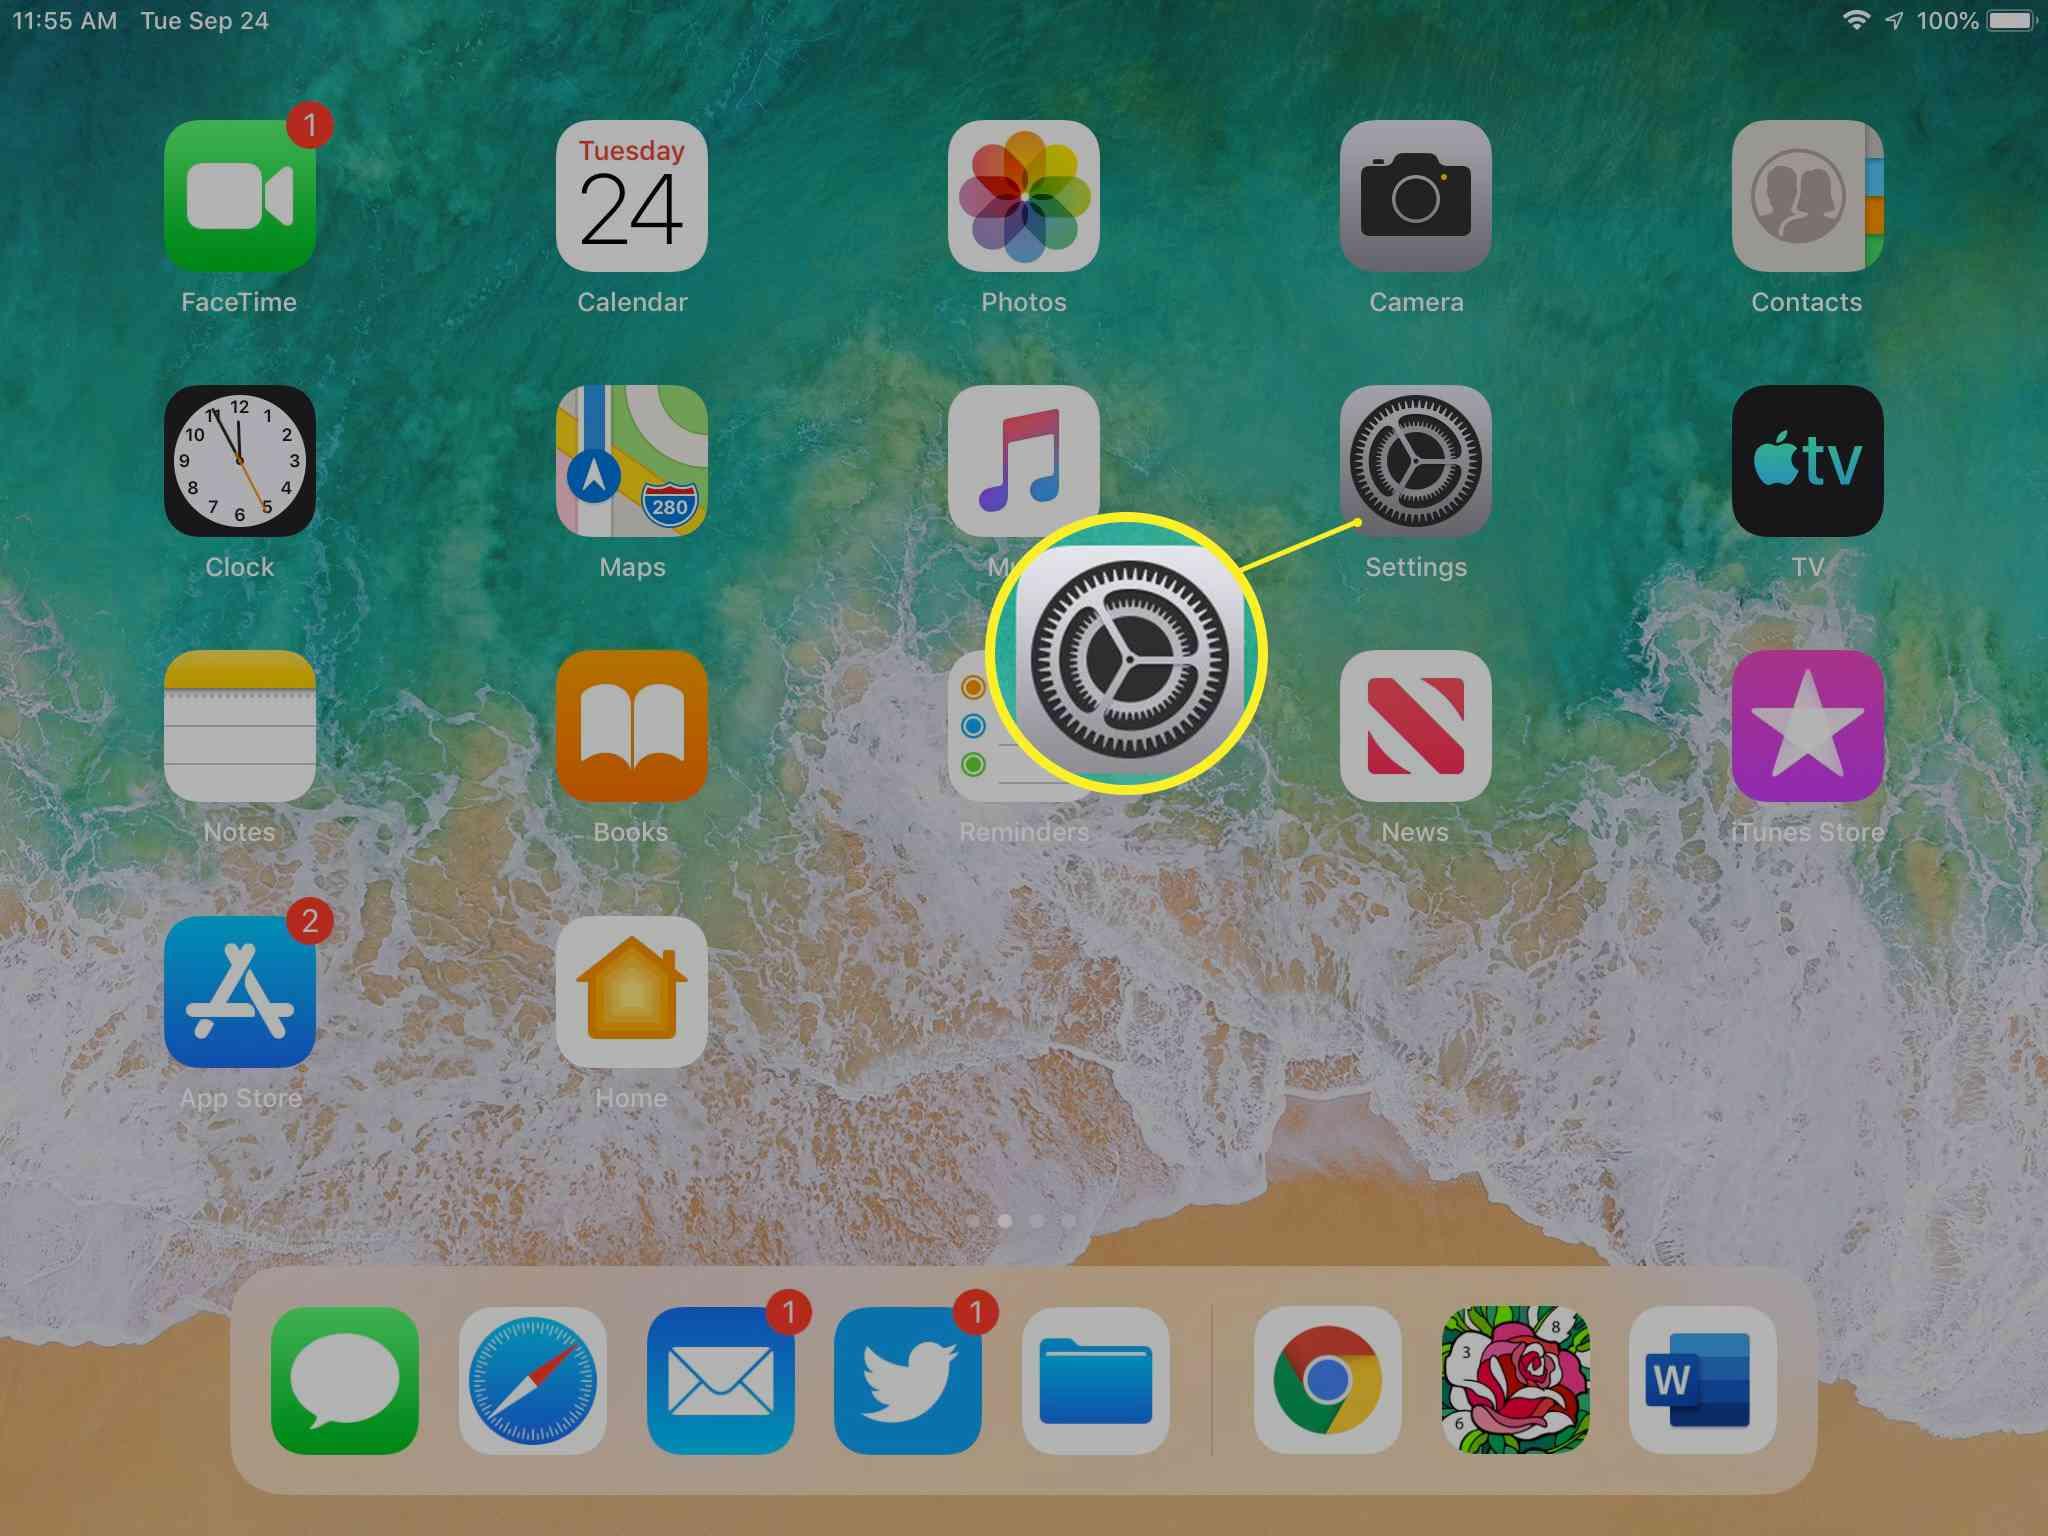 iPad Settings icon